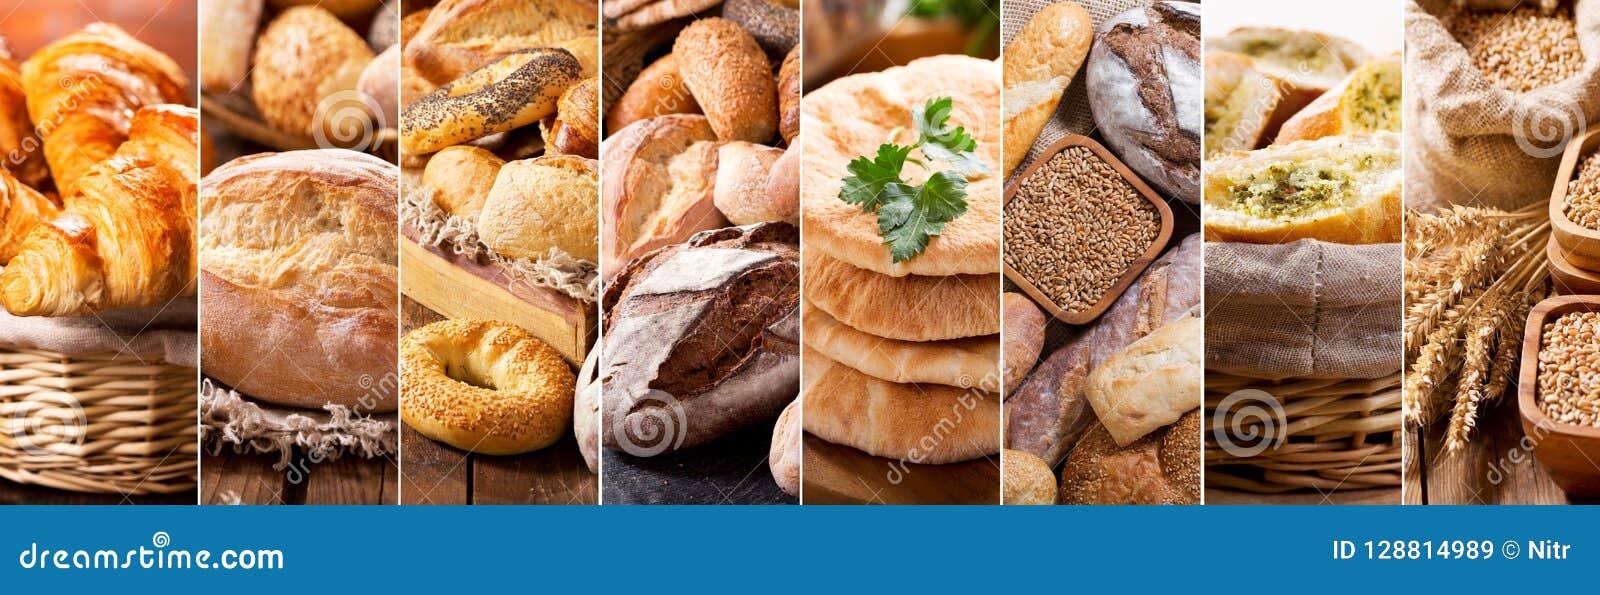 Collage av olika typer av nytt bröd